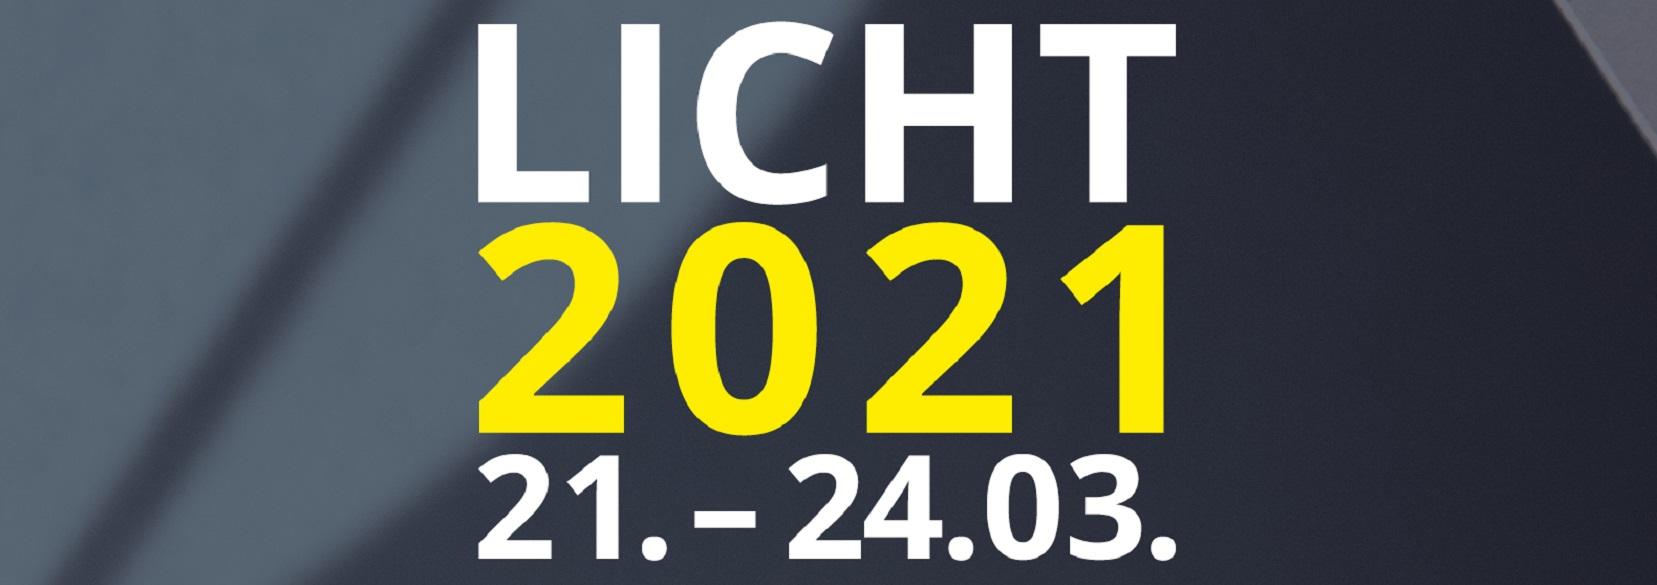 Licht an für die LICHT2021 – Electrosuisse